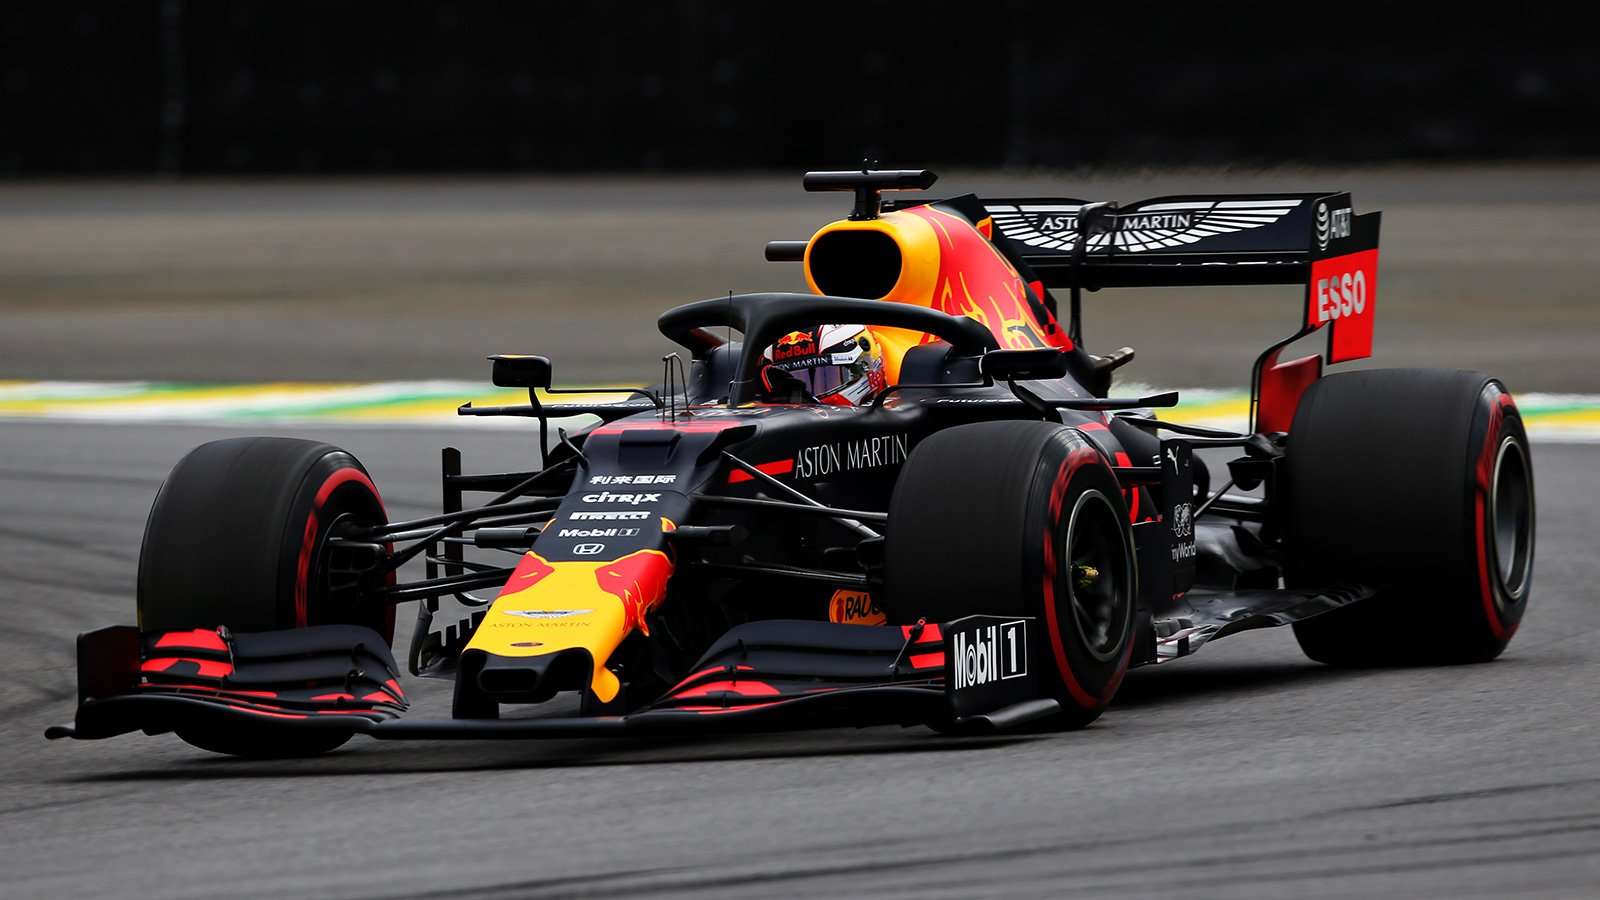 Max Verstappen en pole position au Brésil 1